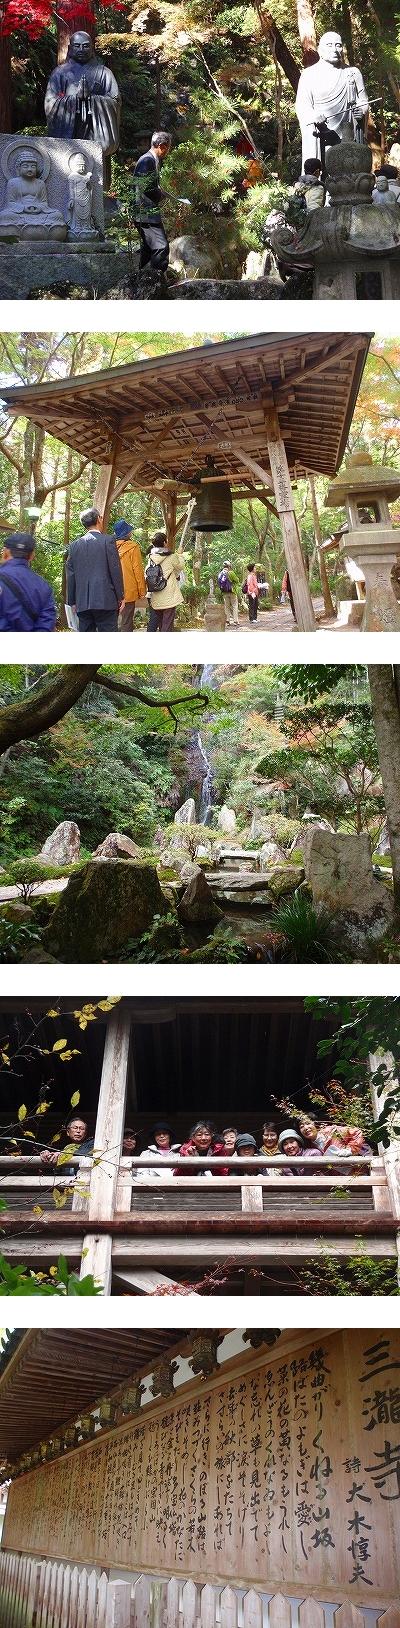 2013.11.13irikawa (10)